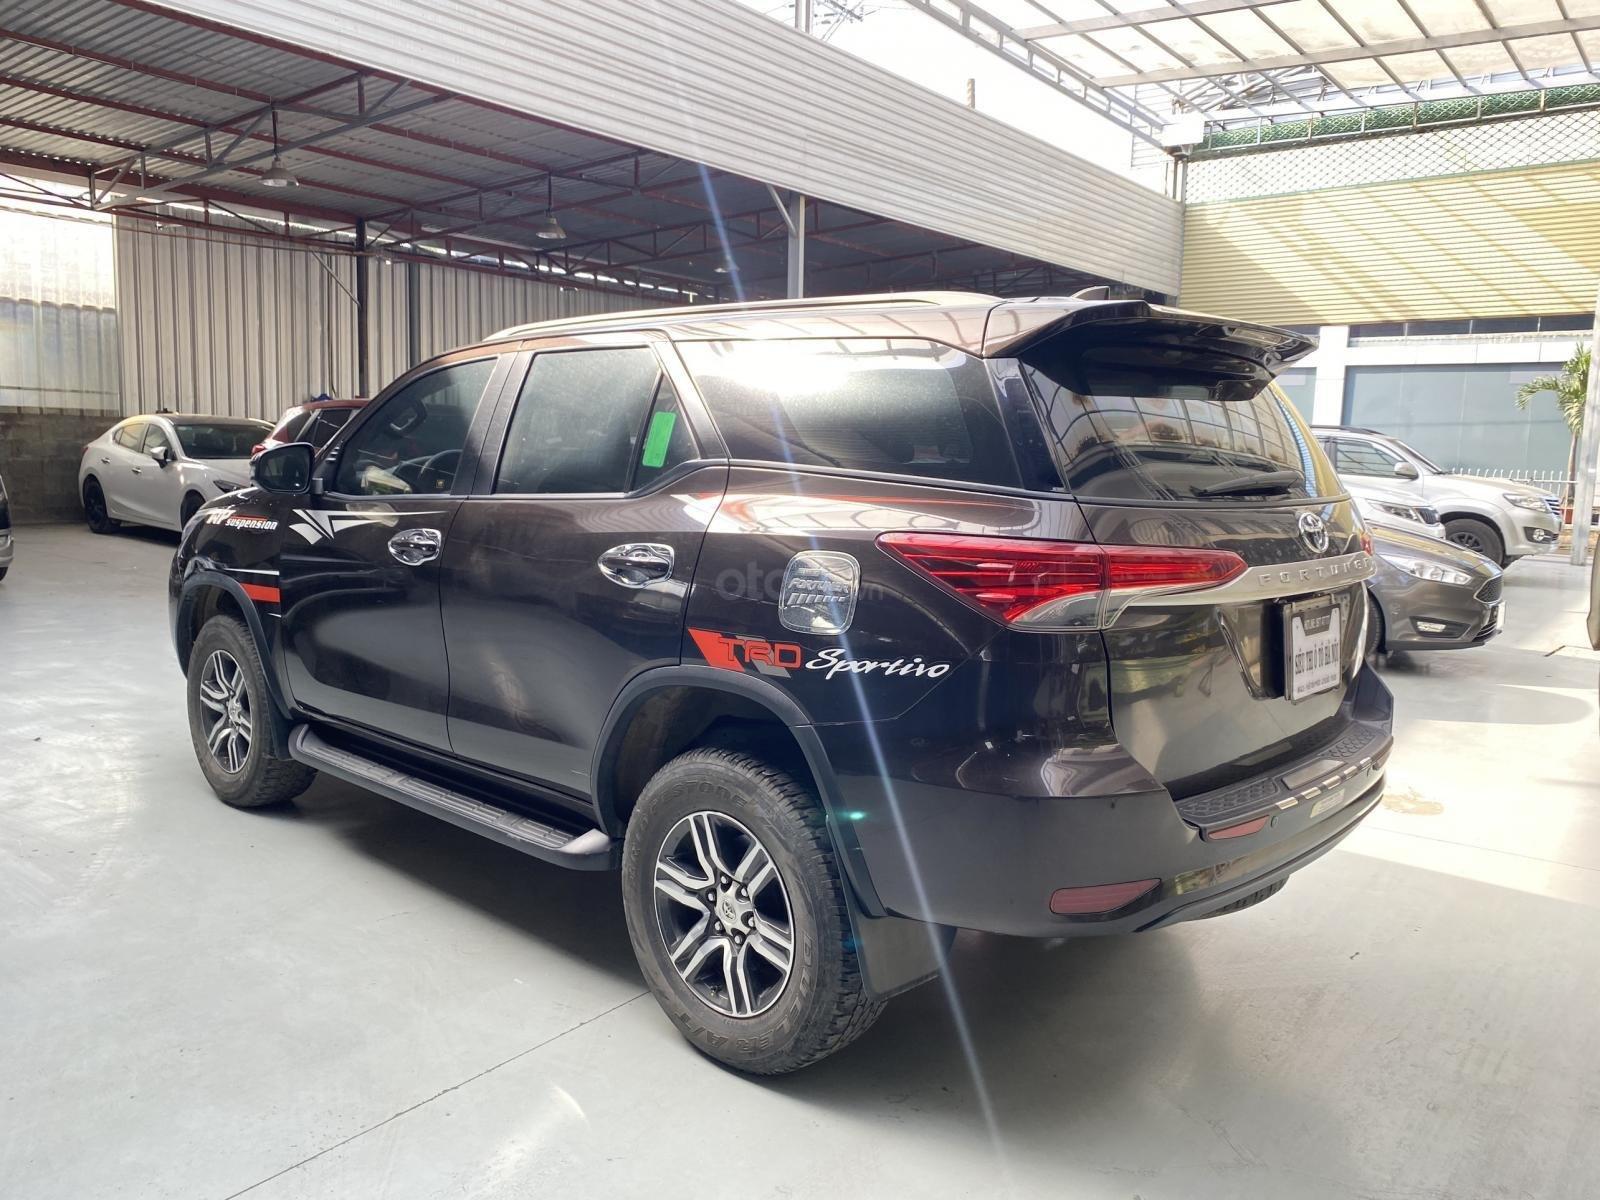 Bán xe Toyota Fortuner sản xuất 2019, dầu số sàn, xe siêu đẹp, có trả góp (6)